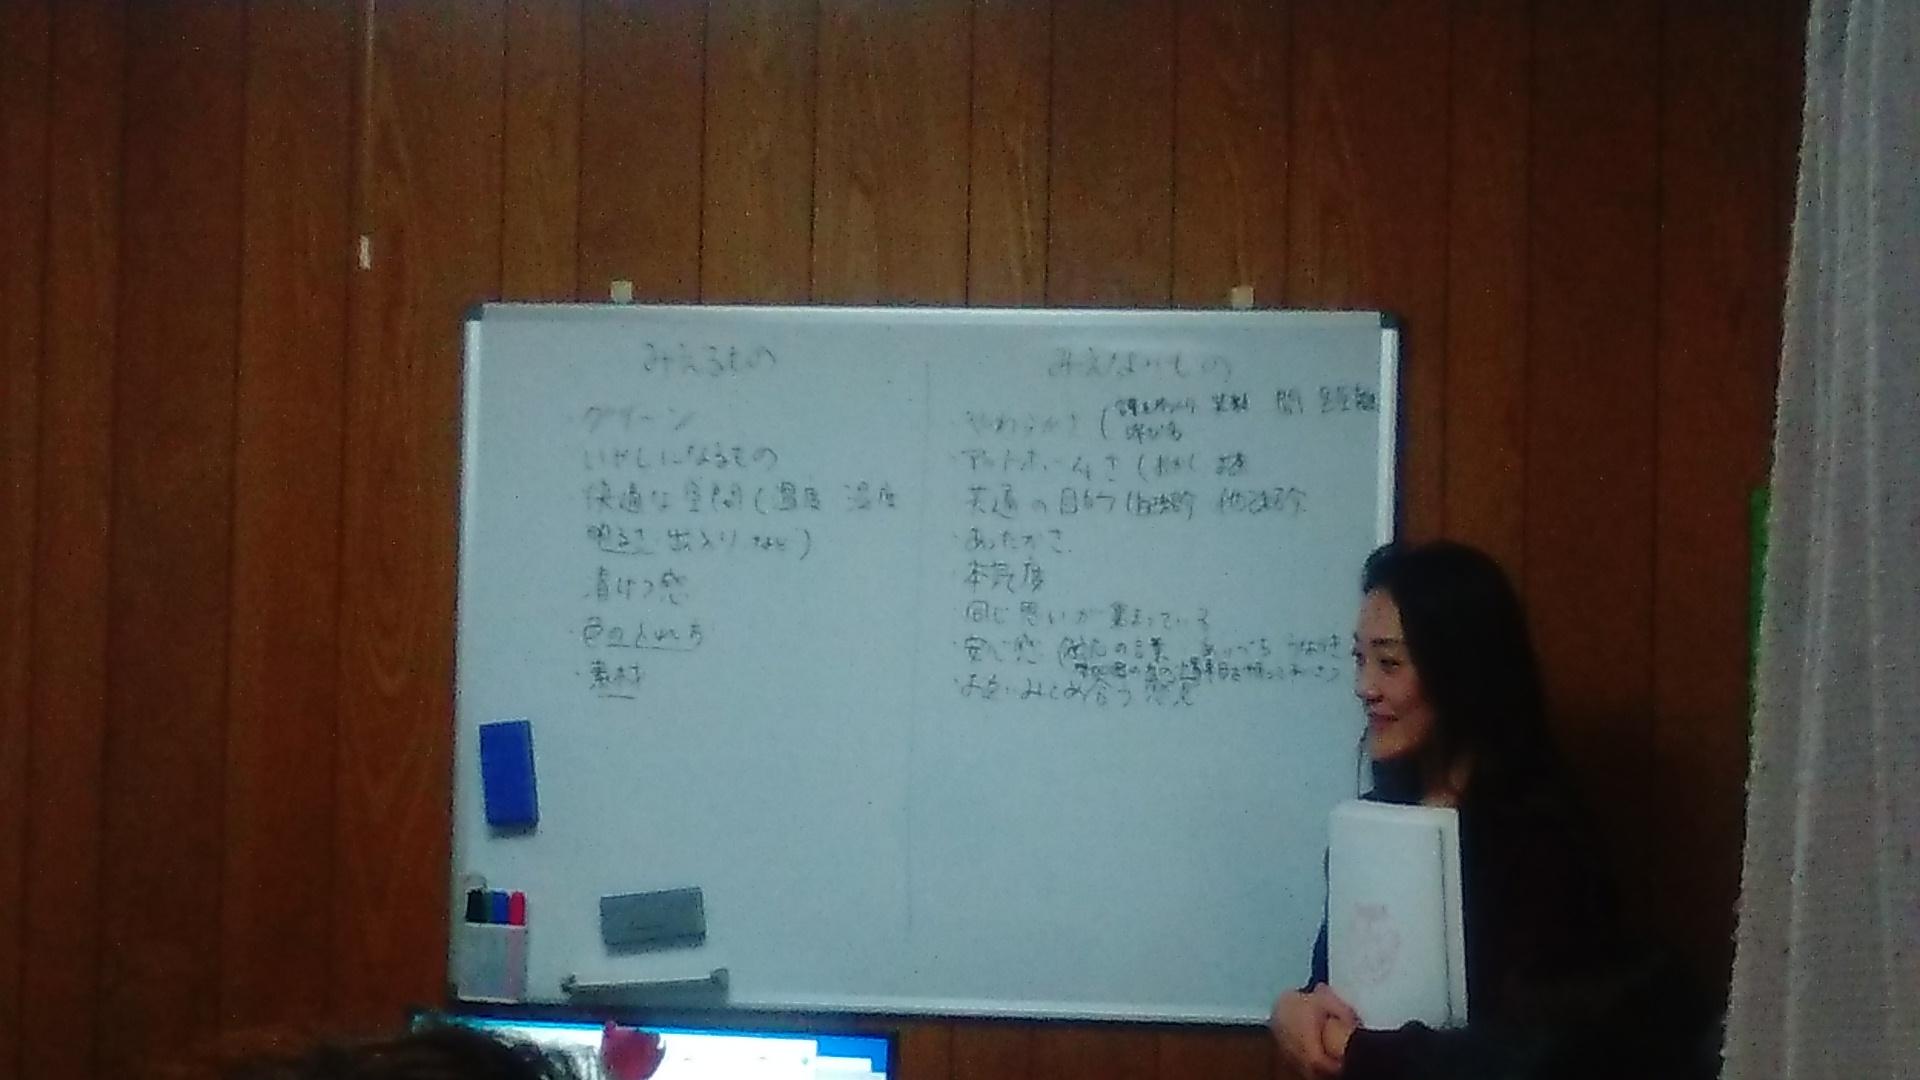 KIMG1486 - 胎内記憶教育協会、講師養成講座第5期の最終講義